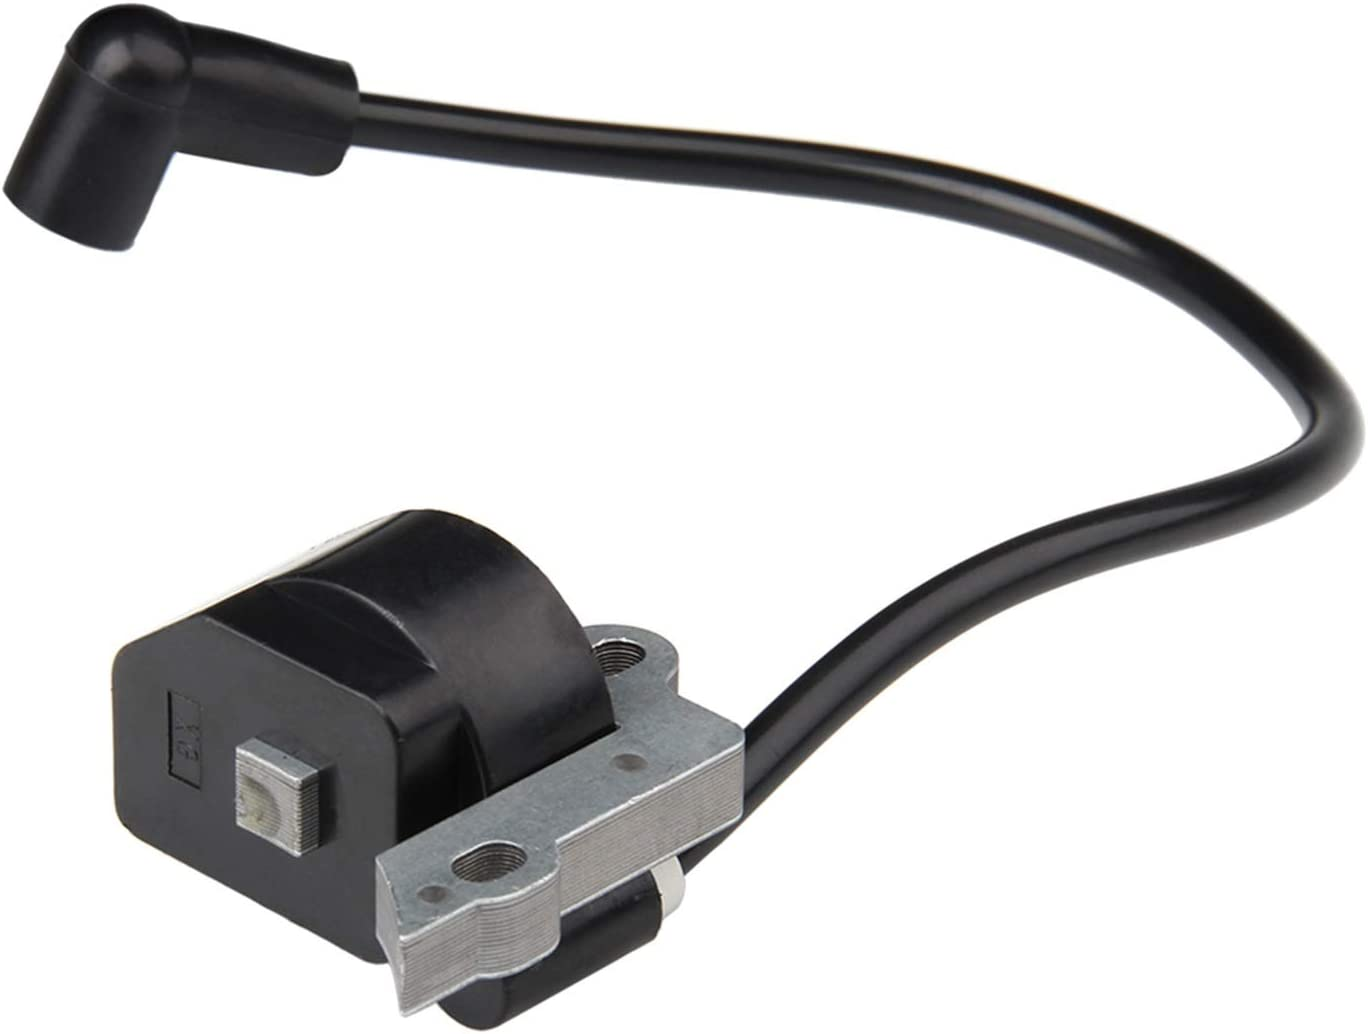 LTH-GD Piezas de Coche Bobina de Encendido del módulo for Motosierra P3314 P3416 2155 S1634 PP4018 530039198 Accesorios de Hardware automático (Color : Black)